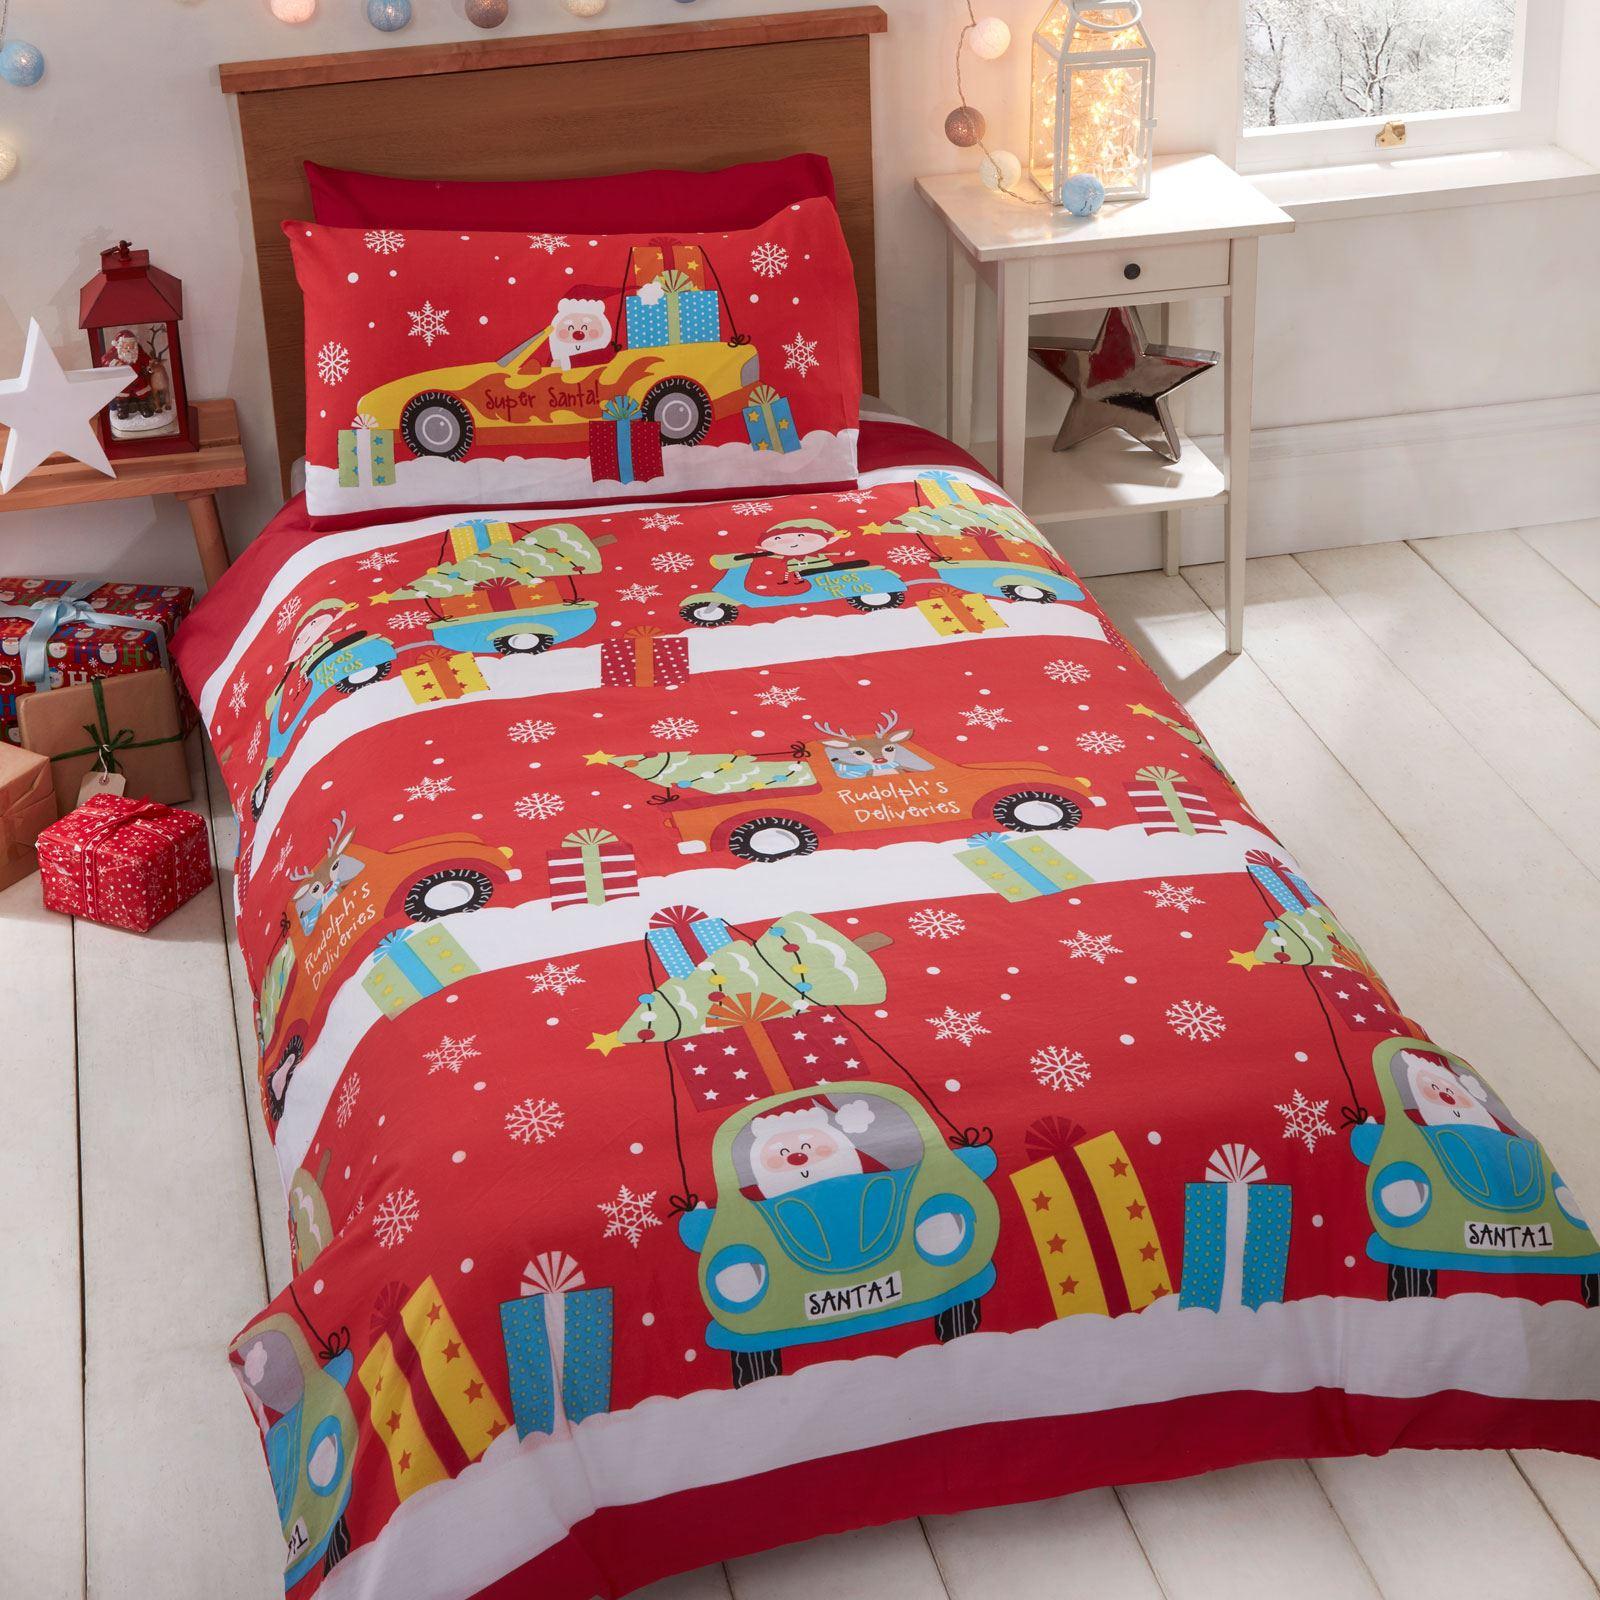 Indexbild 12 - Kinder Weihnachten Bettbezug Sets - Junior Einzel Doppel King - Elf Emoji Grinch